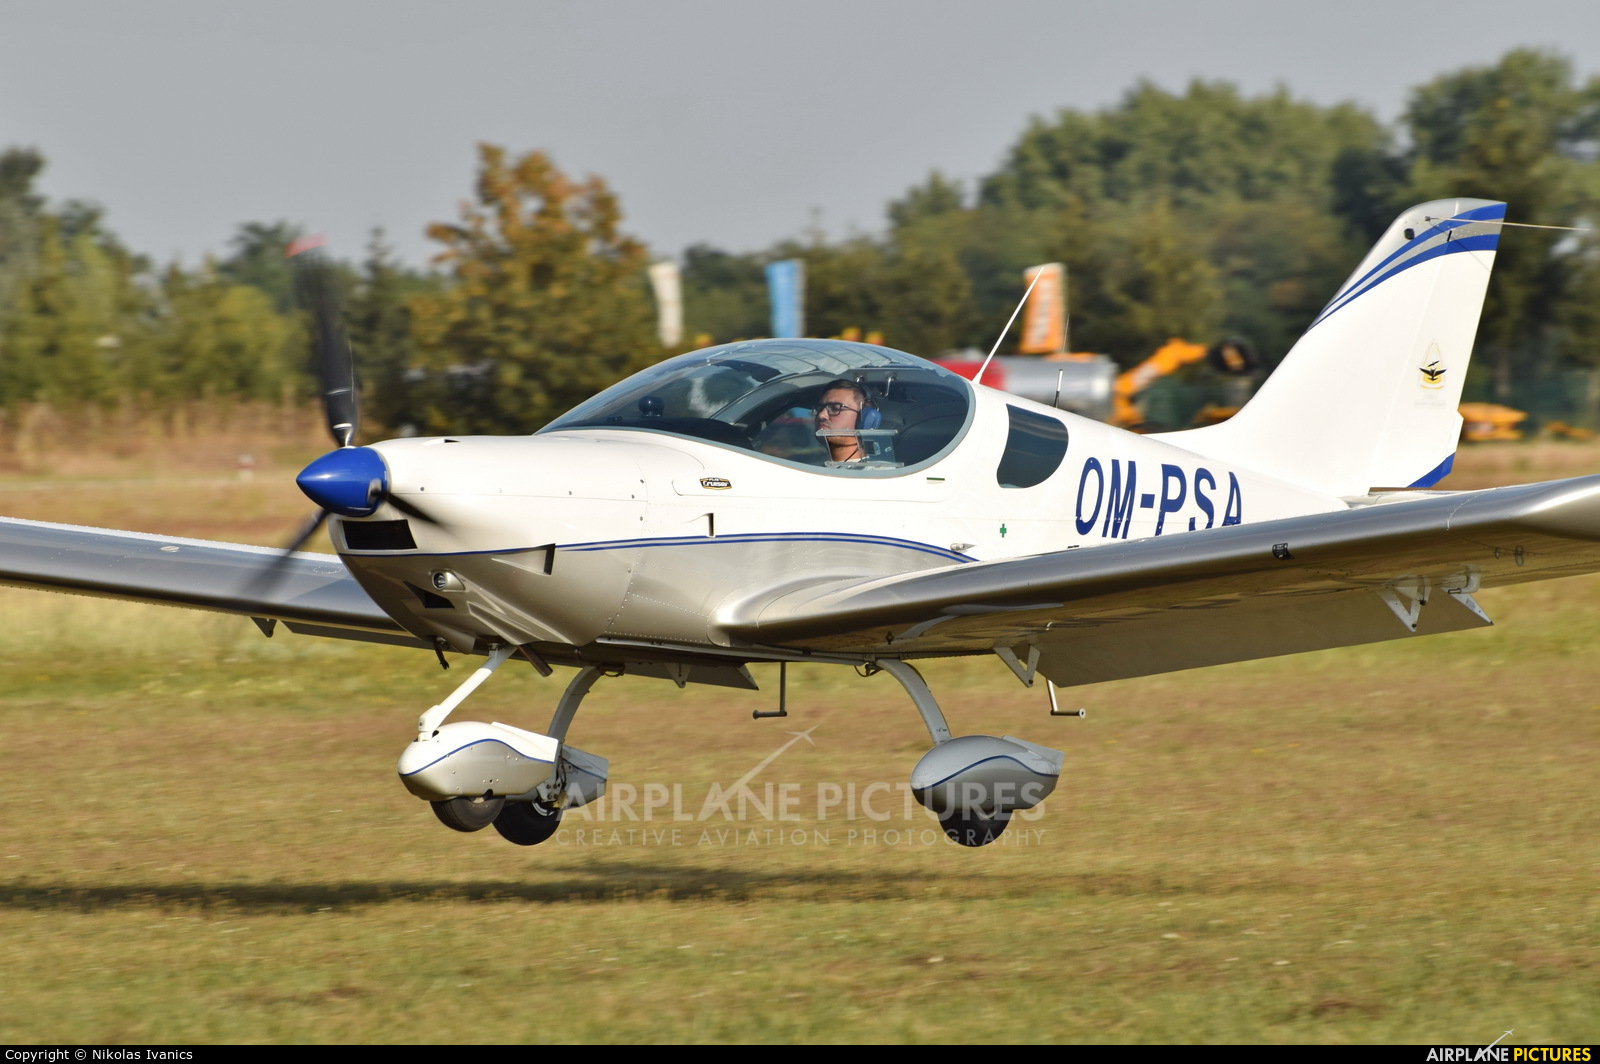 Private OM-PSA aircraft at Nové Zámky